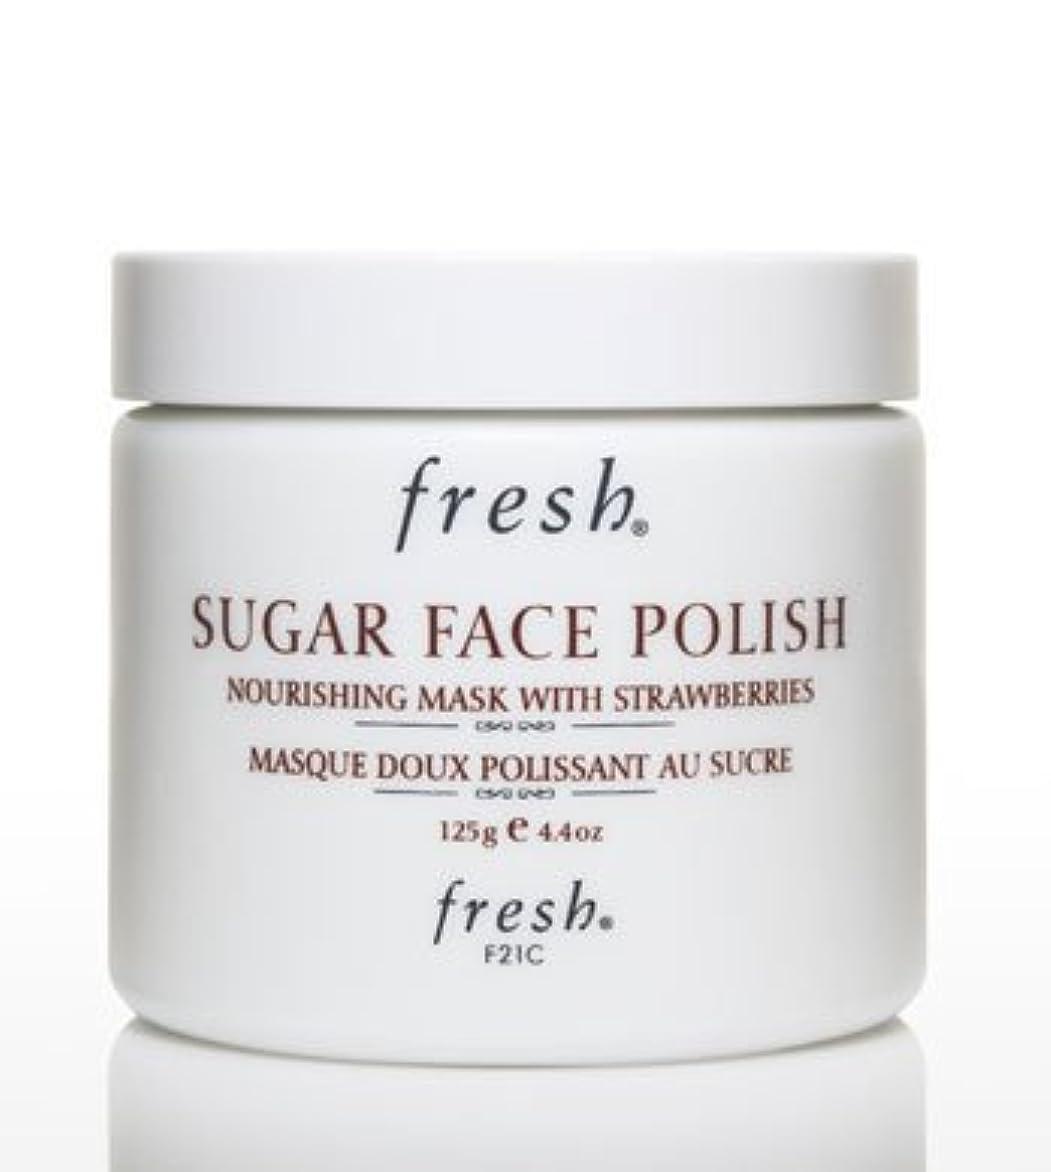 プラグパンひもFresh SUGAR FACE POLISH (フレッシュ シュガーフェイスポリッシュ) 4.2 oz (125g) by Fresh for Women